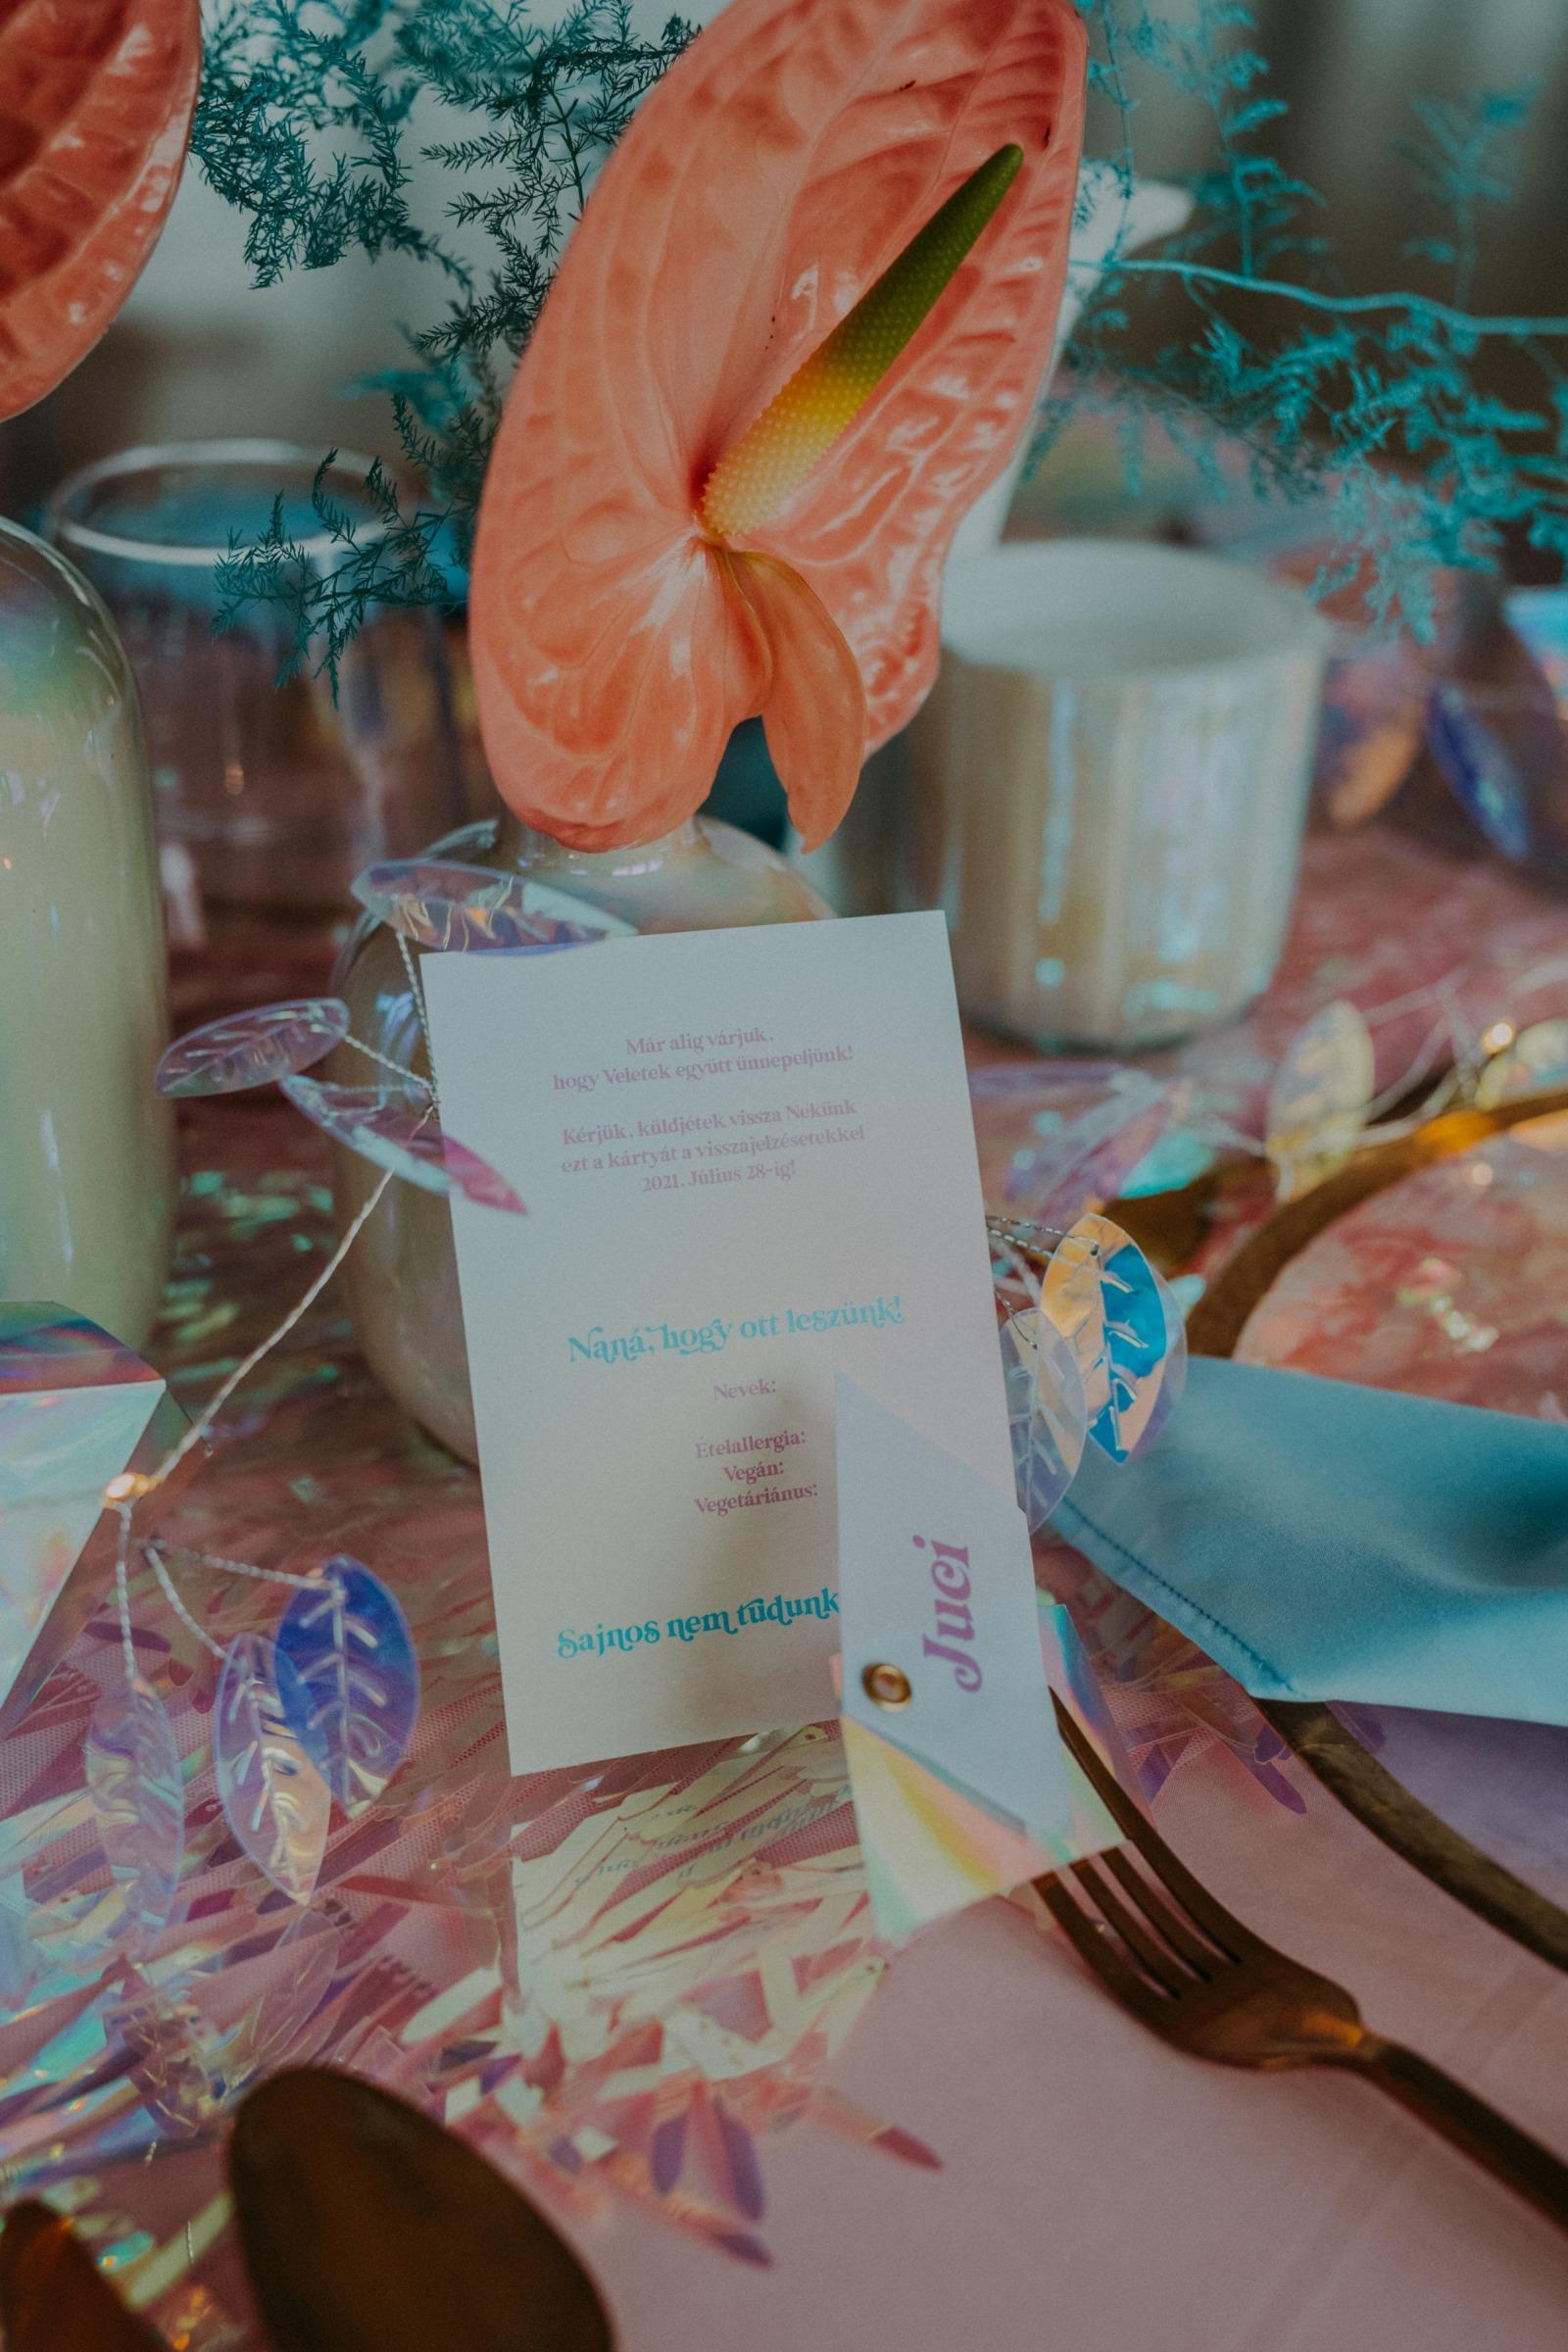 colourful pastel wedding - unconventional wedding - alternative wedding - unique wedding stationery - cute wedding ideas